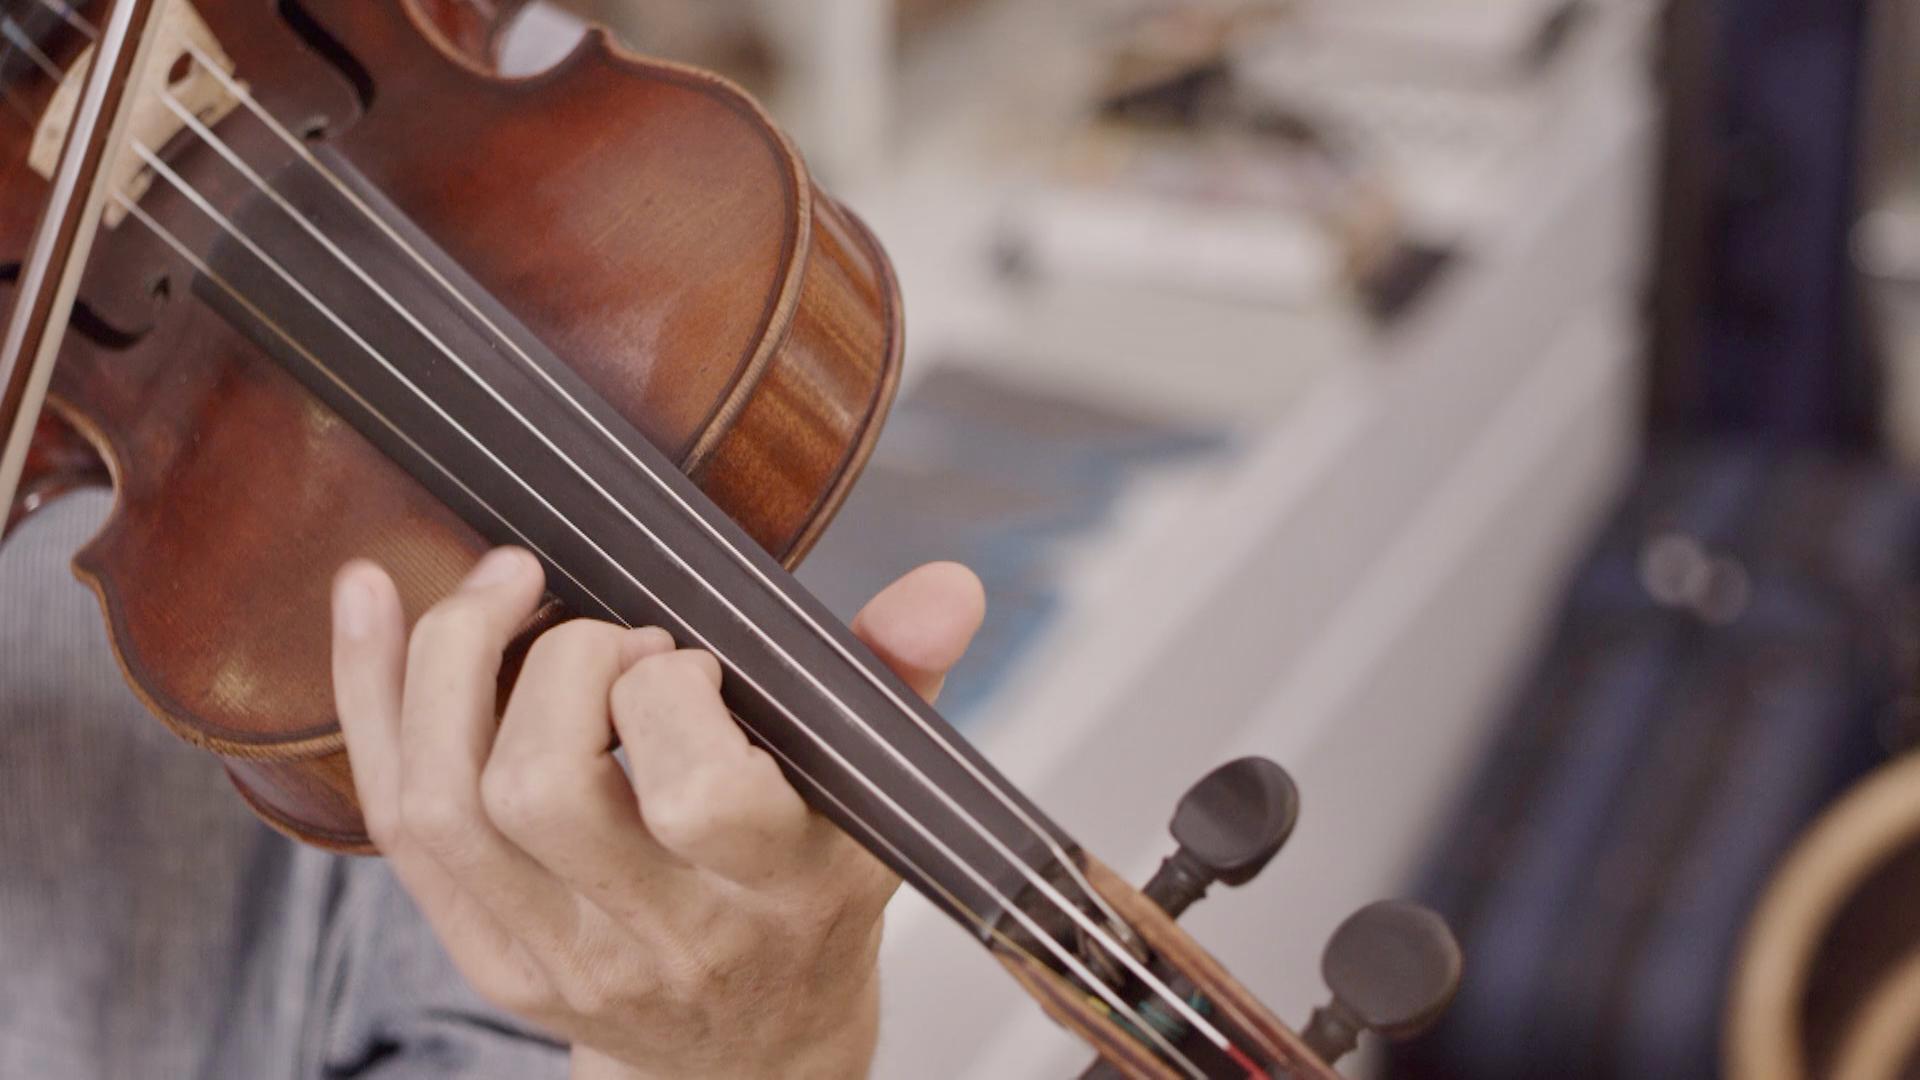 CI: Geruch alter Geigen